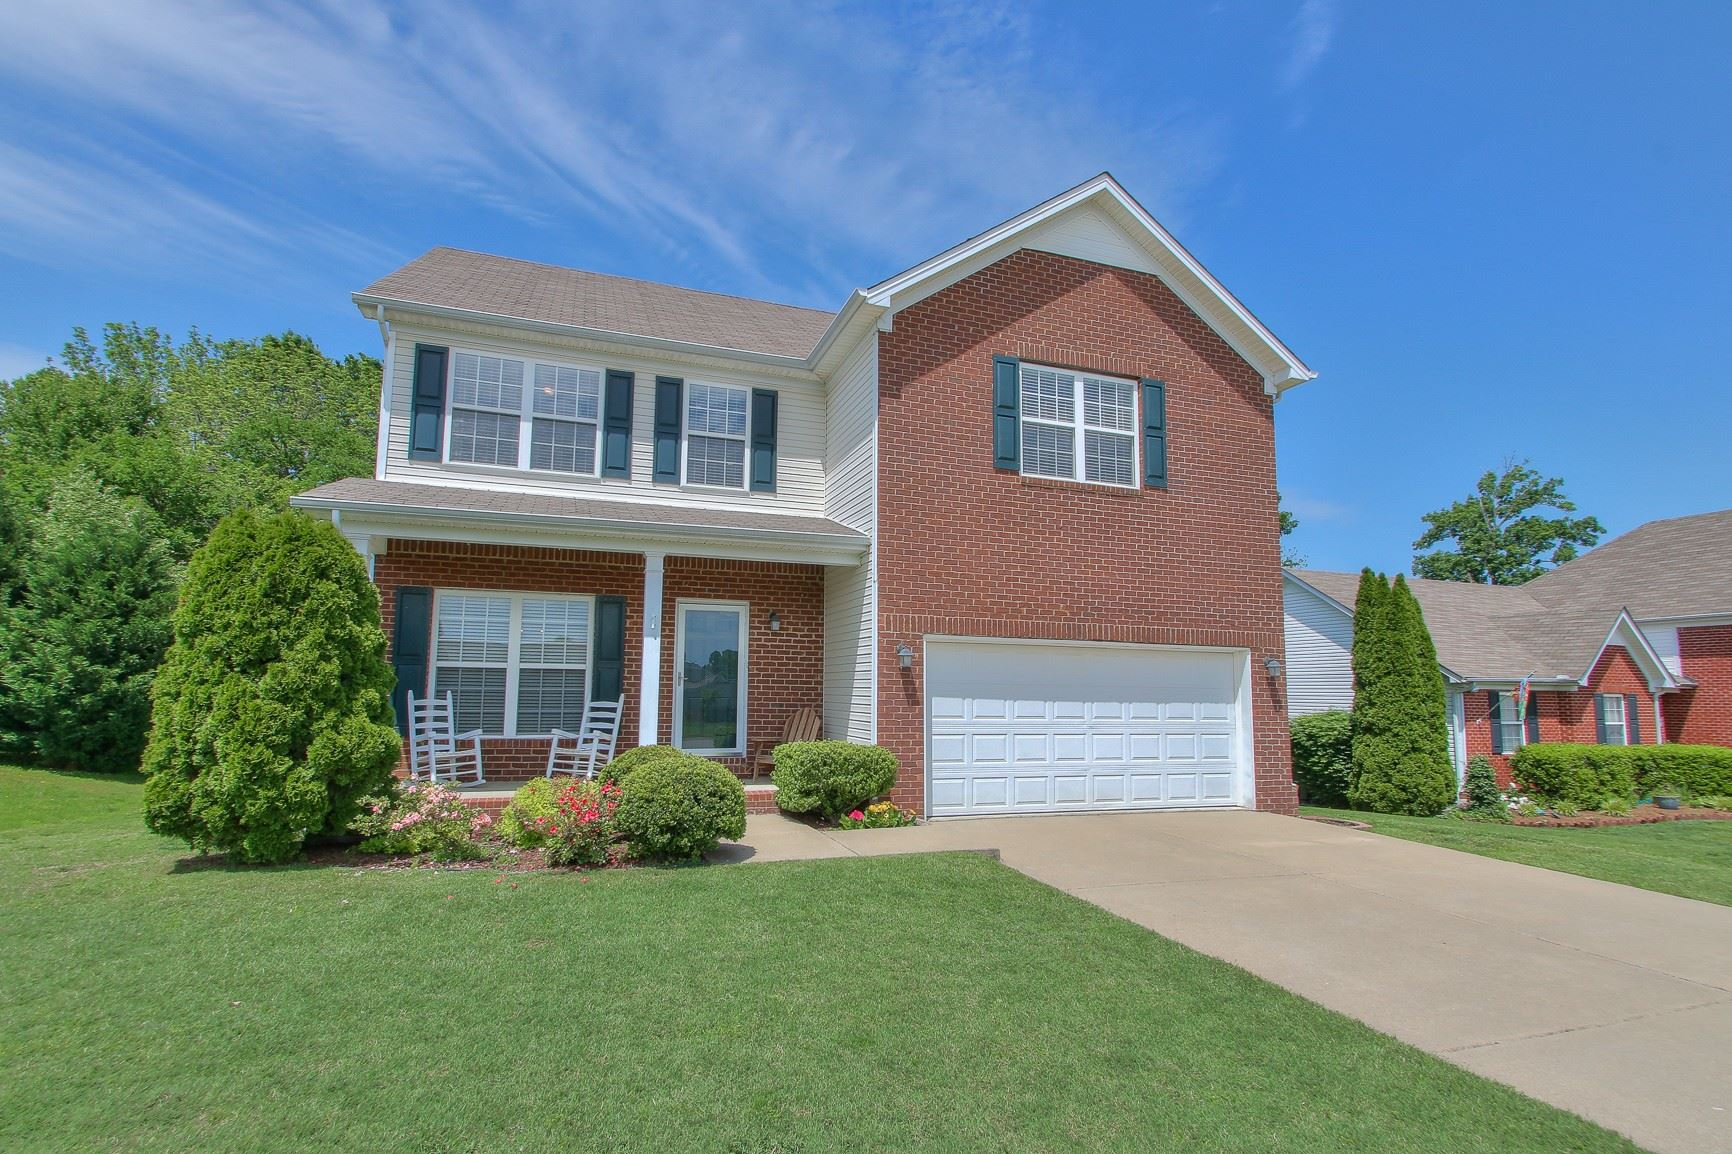 2120 Burgess Ln, Spring Hill, TN 37174 - MLS#: 2252974